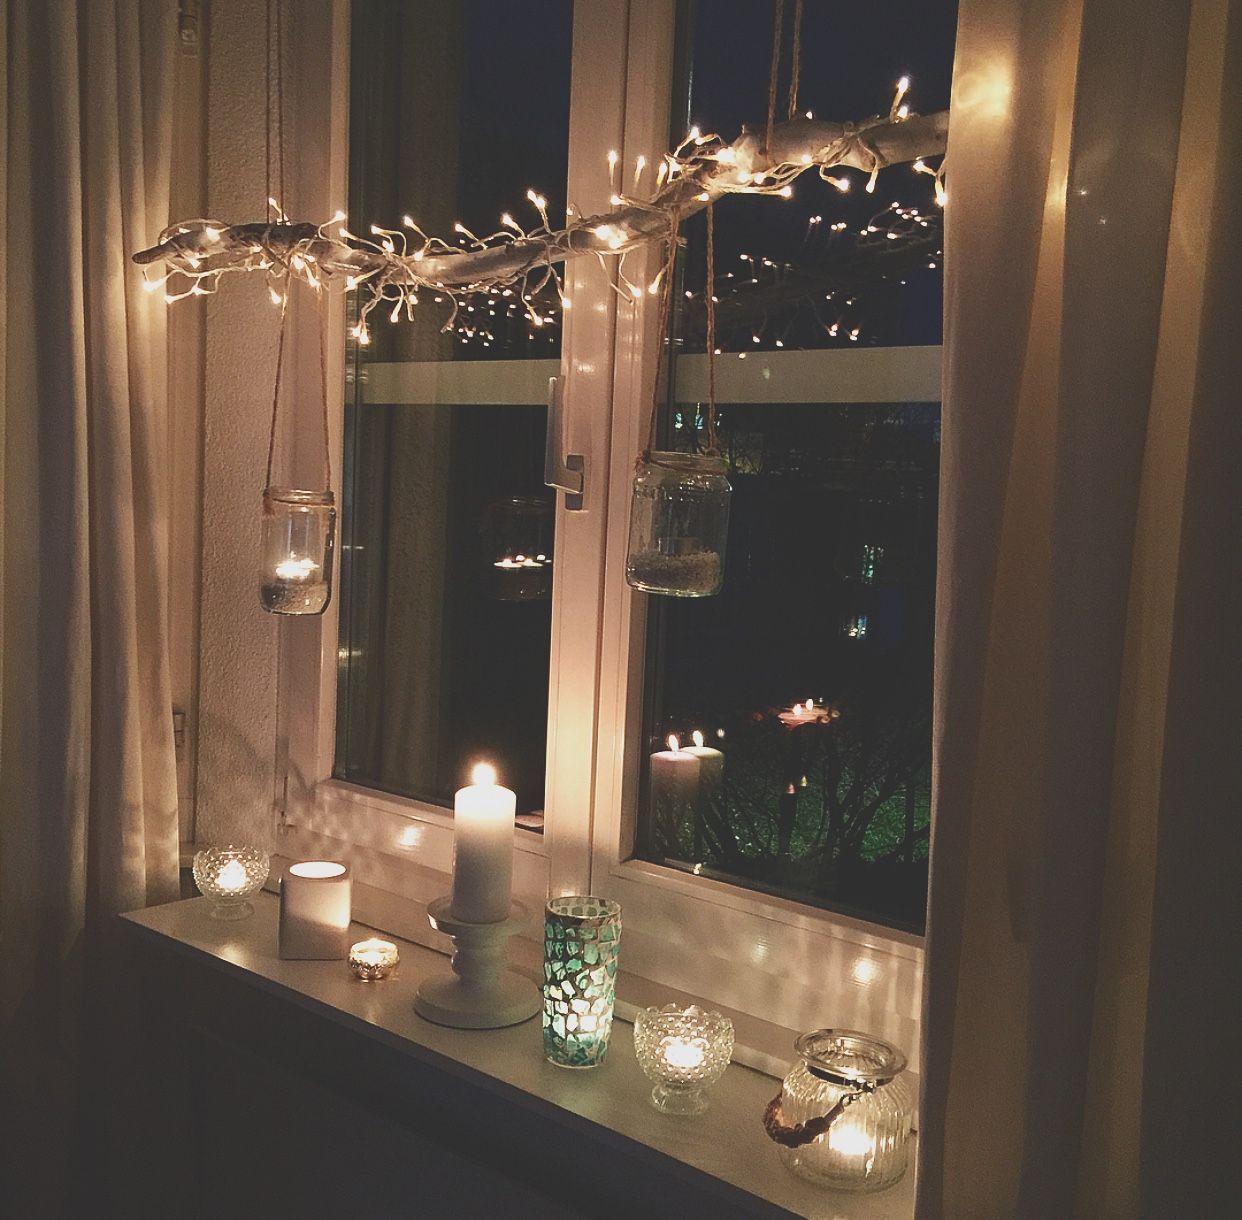 #weihnachten #fensterdeko #candles #homesweethome #light – Nikolaus